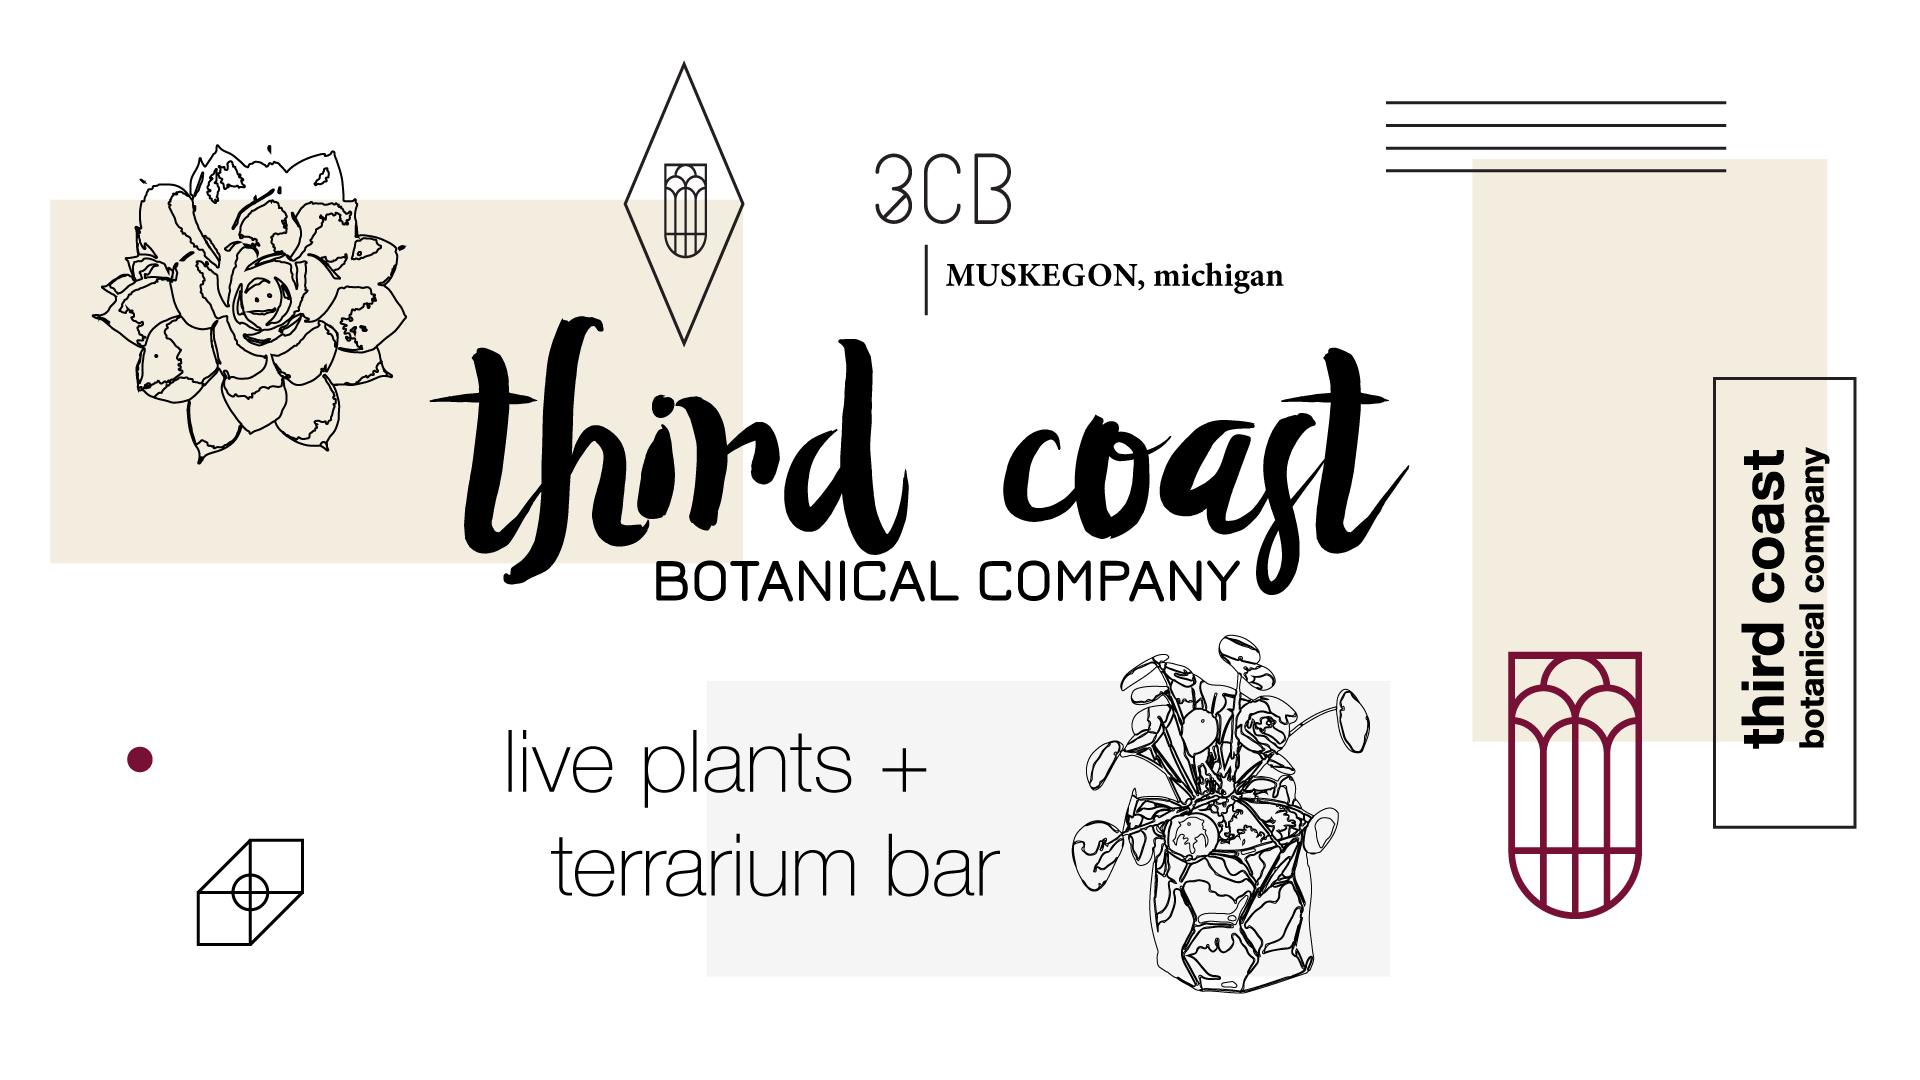 Third Coast Botanical Case Study Image